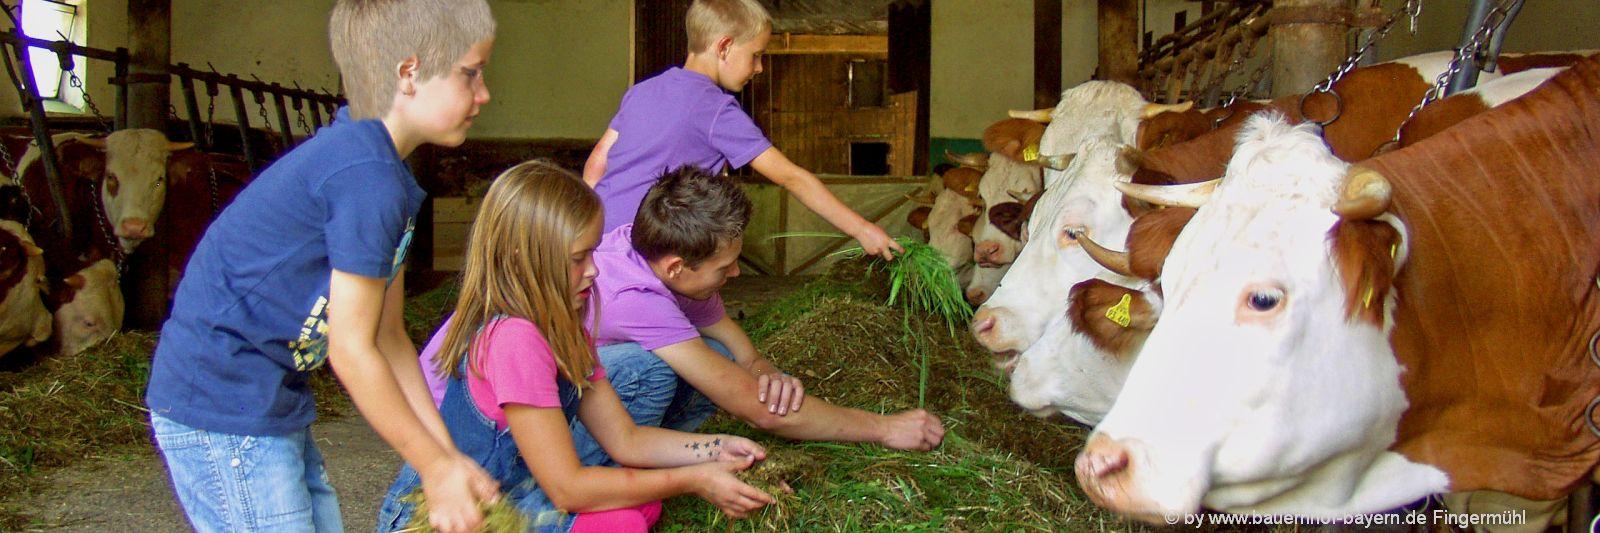 bayern-bauernhofurlaub-familienurlaub-mithelfen-kuhstall-tiere-füttern